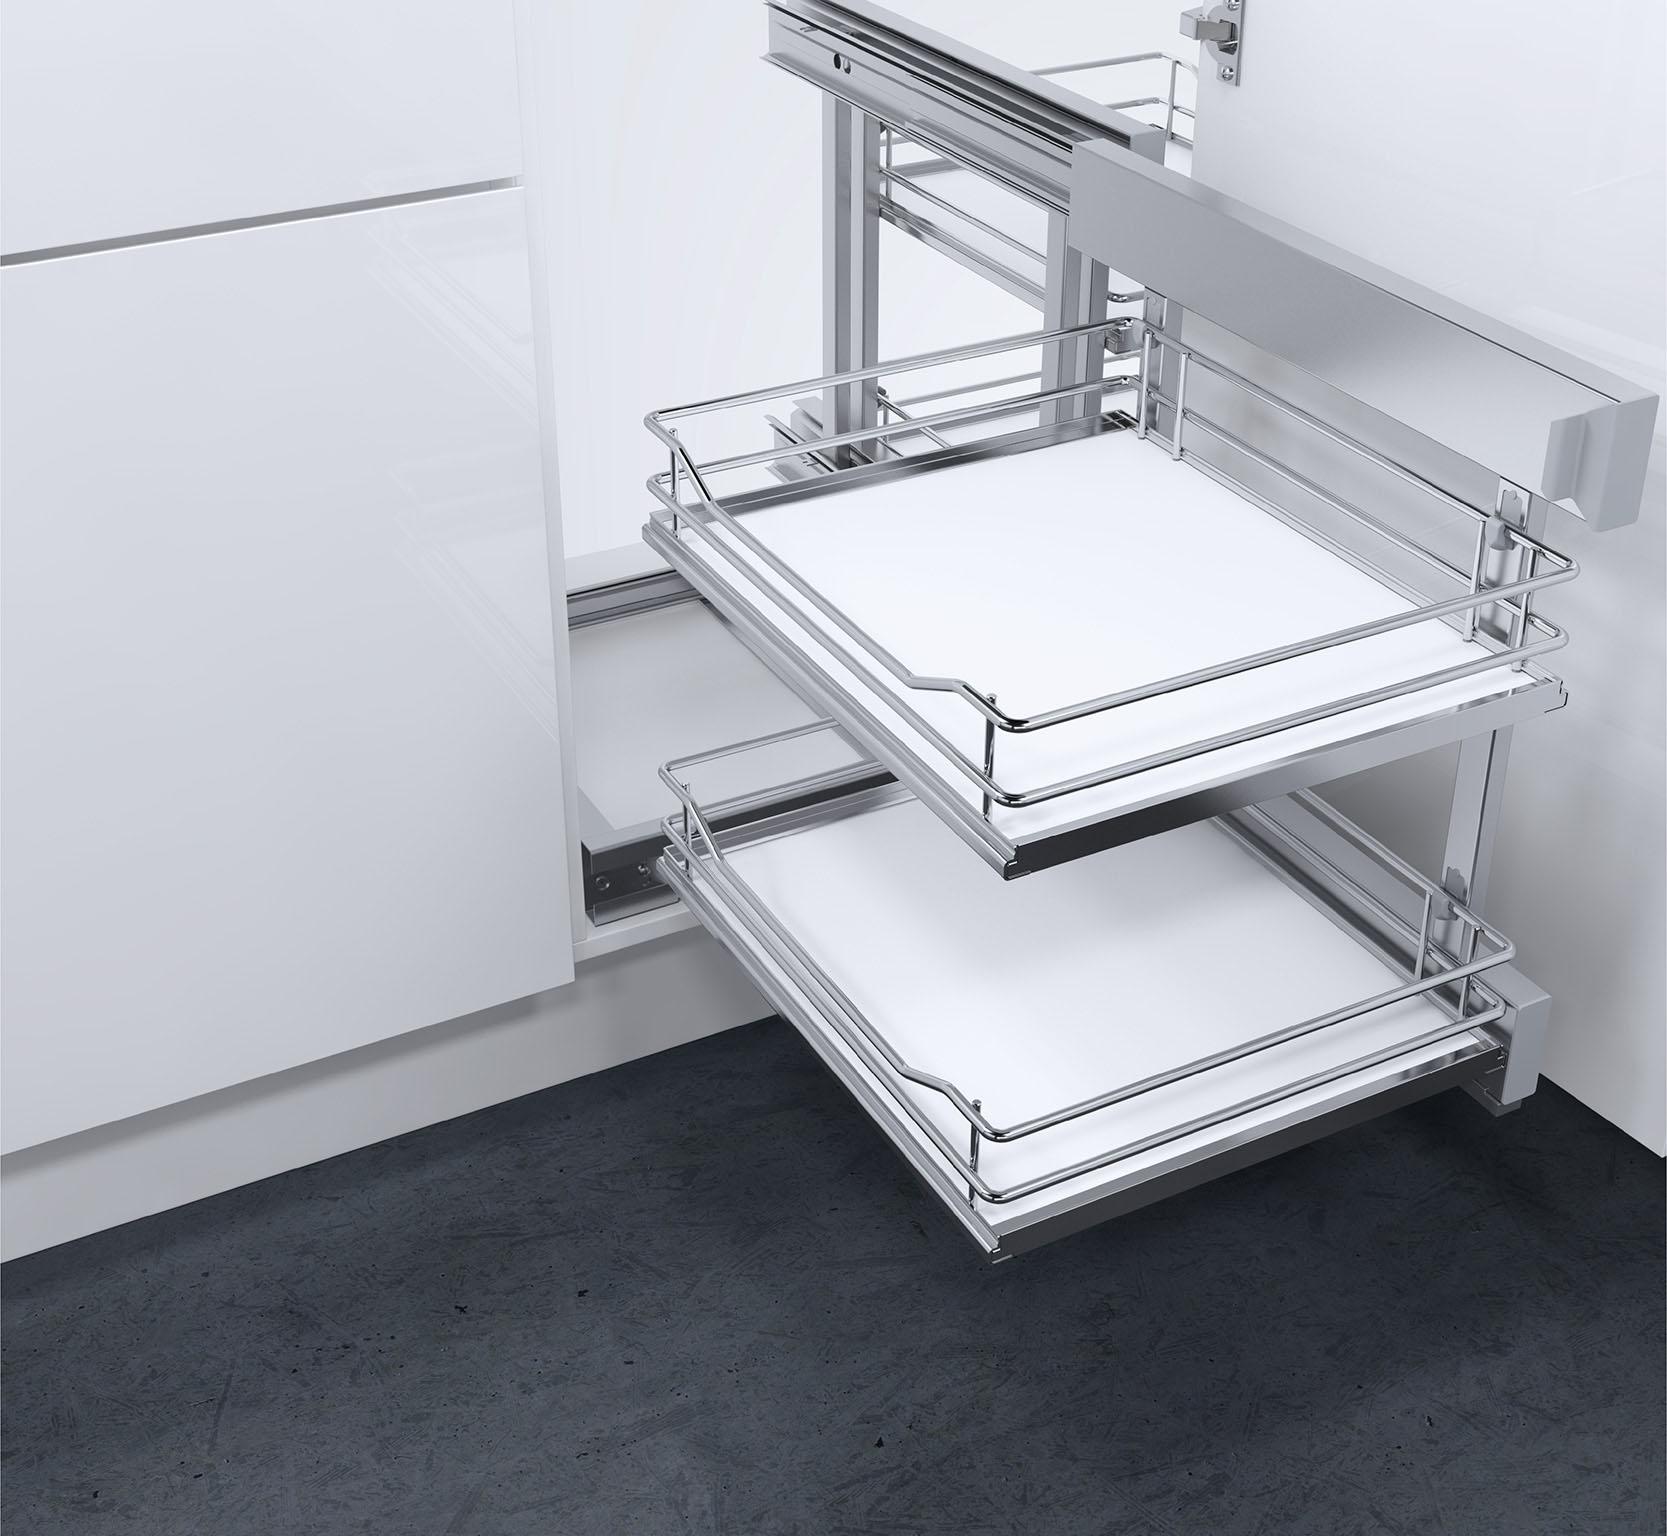 vauth sagel digitaler katalog. Black Bedroom Furniture Sets. Home Design Ideas